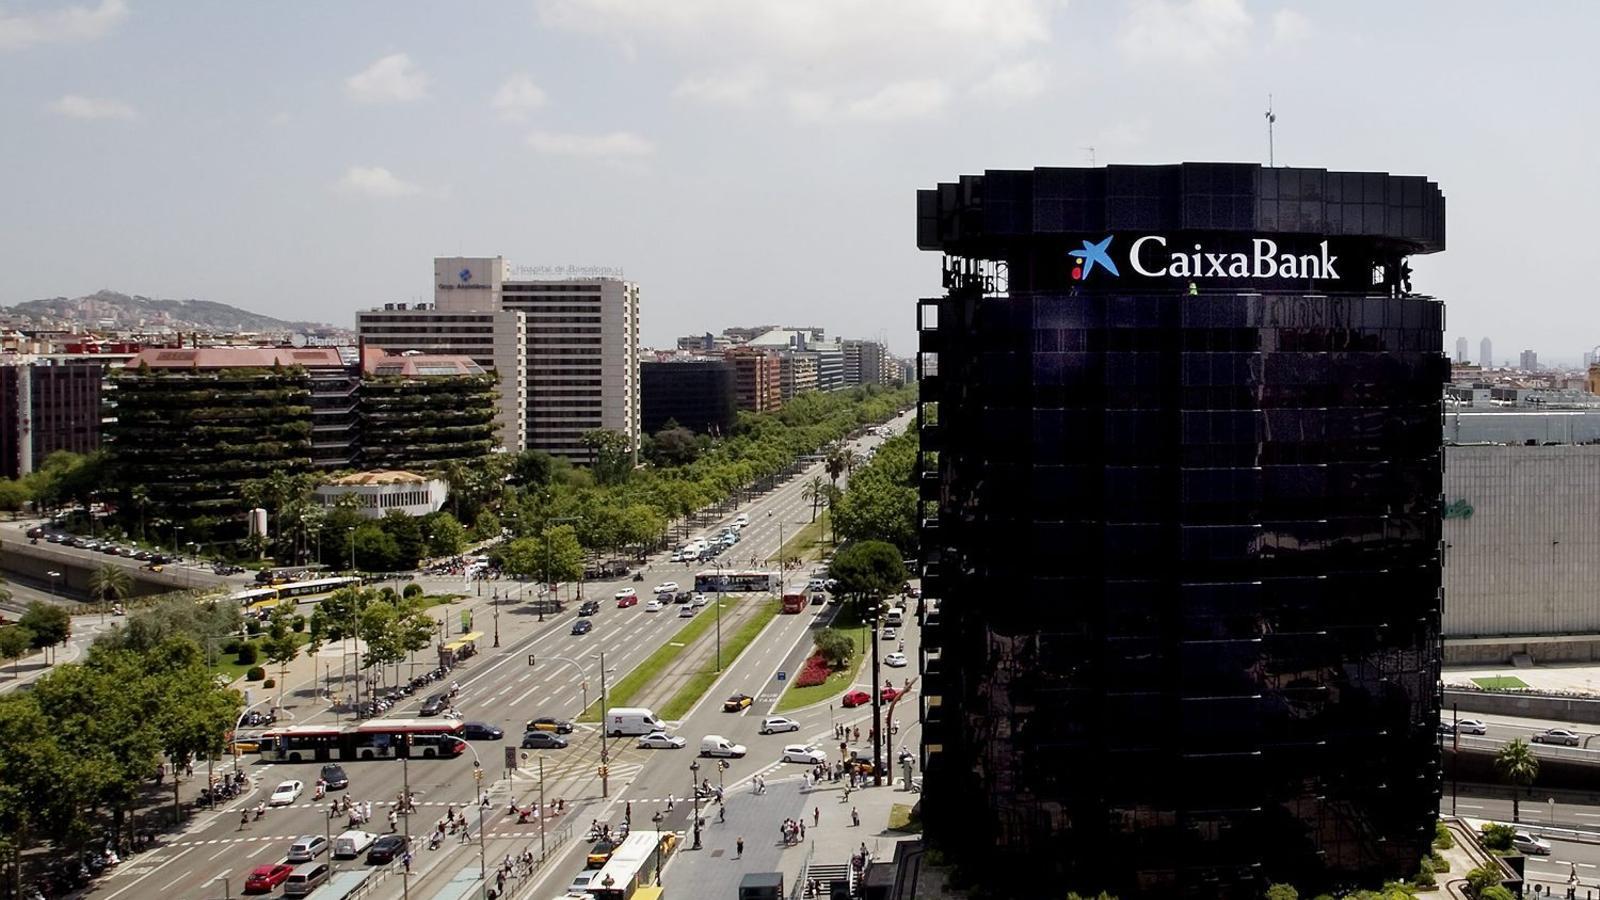 531 empreses s'han endut la seu social de Catalunya des de l'1-O, segons els registradors